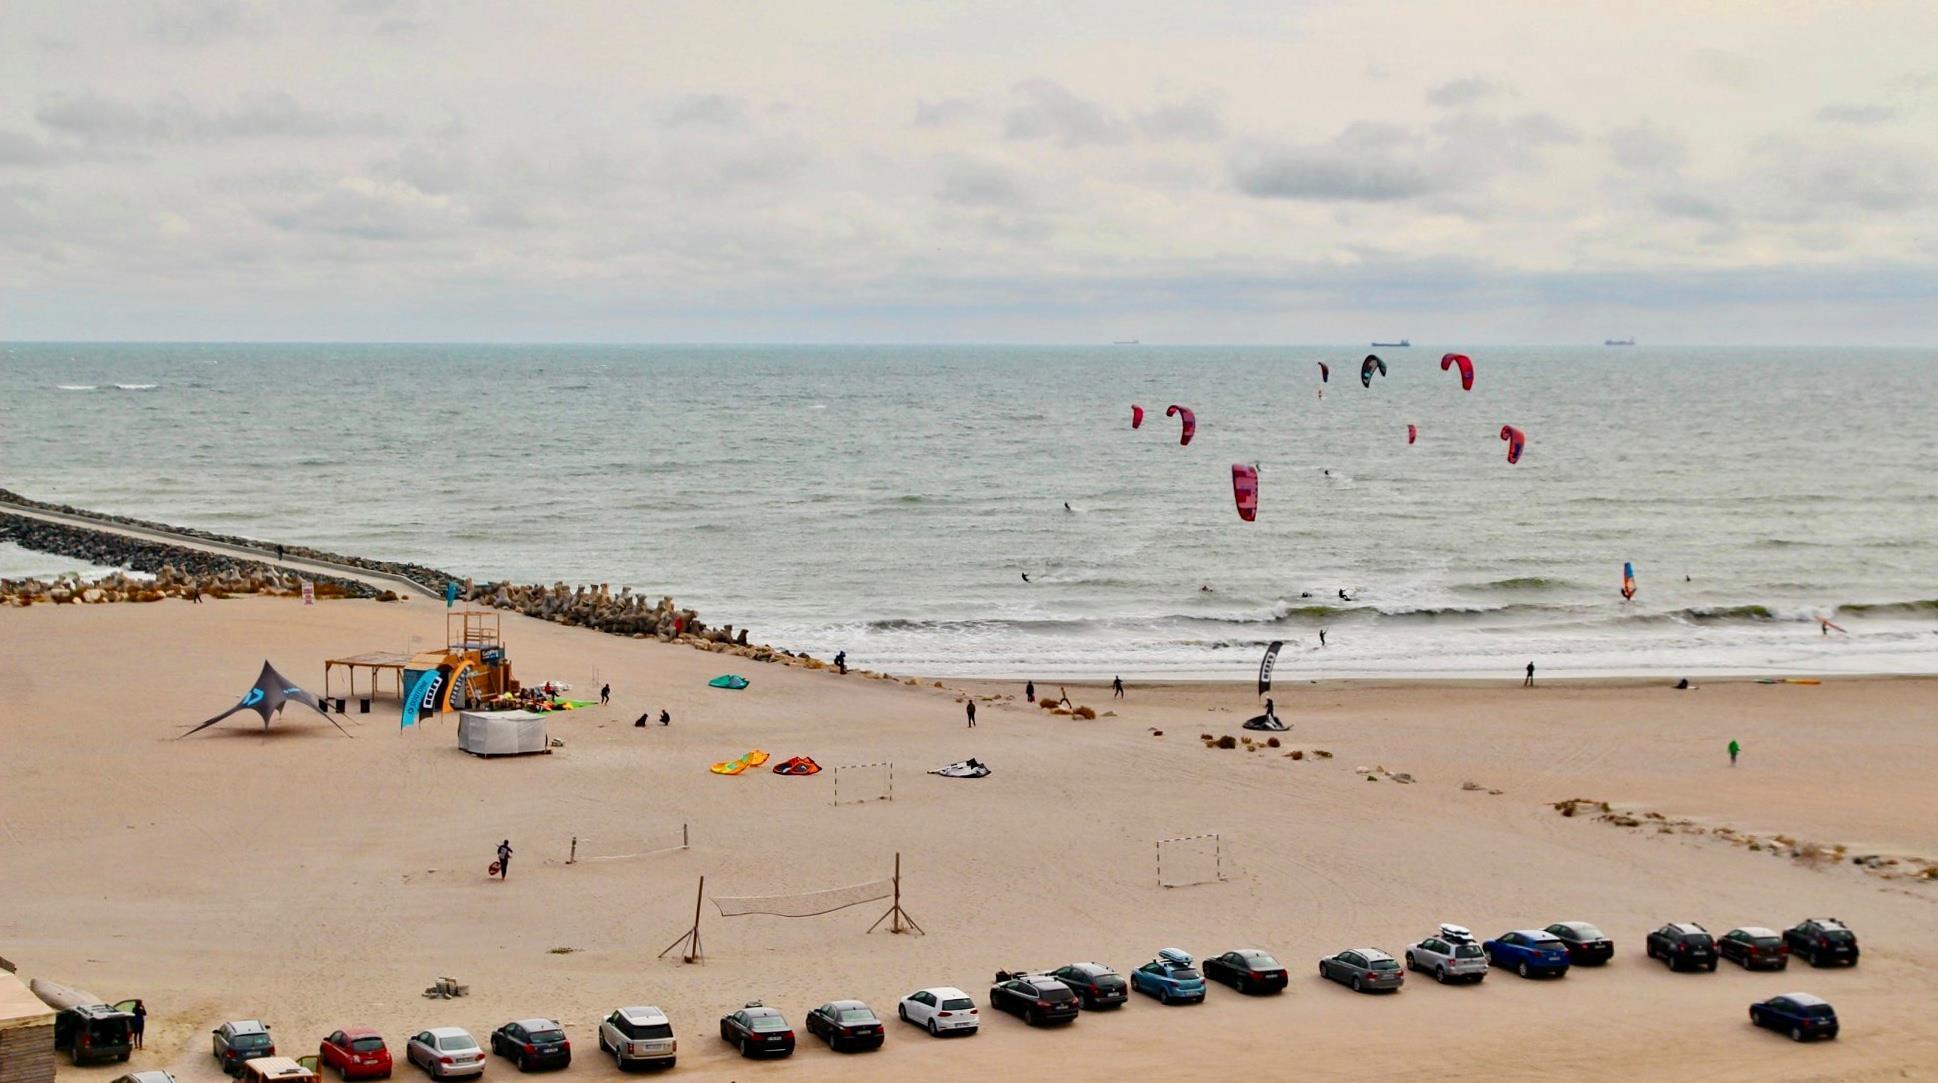 Kitesurfing în România: Unde îl poți practica și Ce echipament îți trebuie